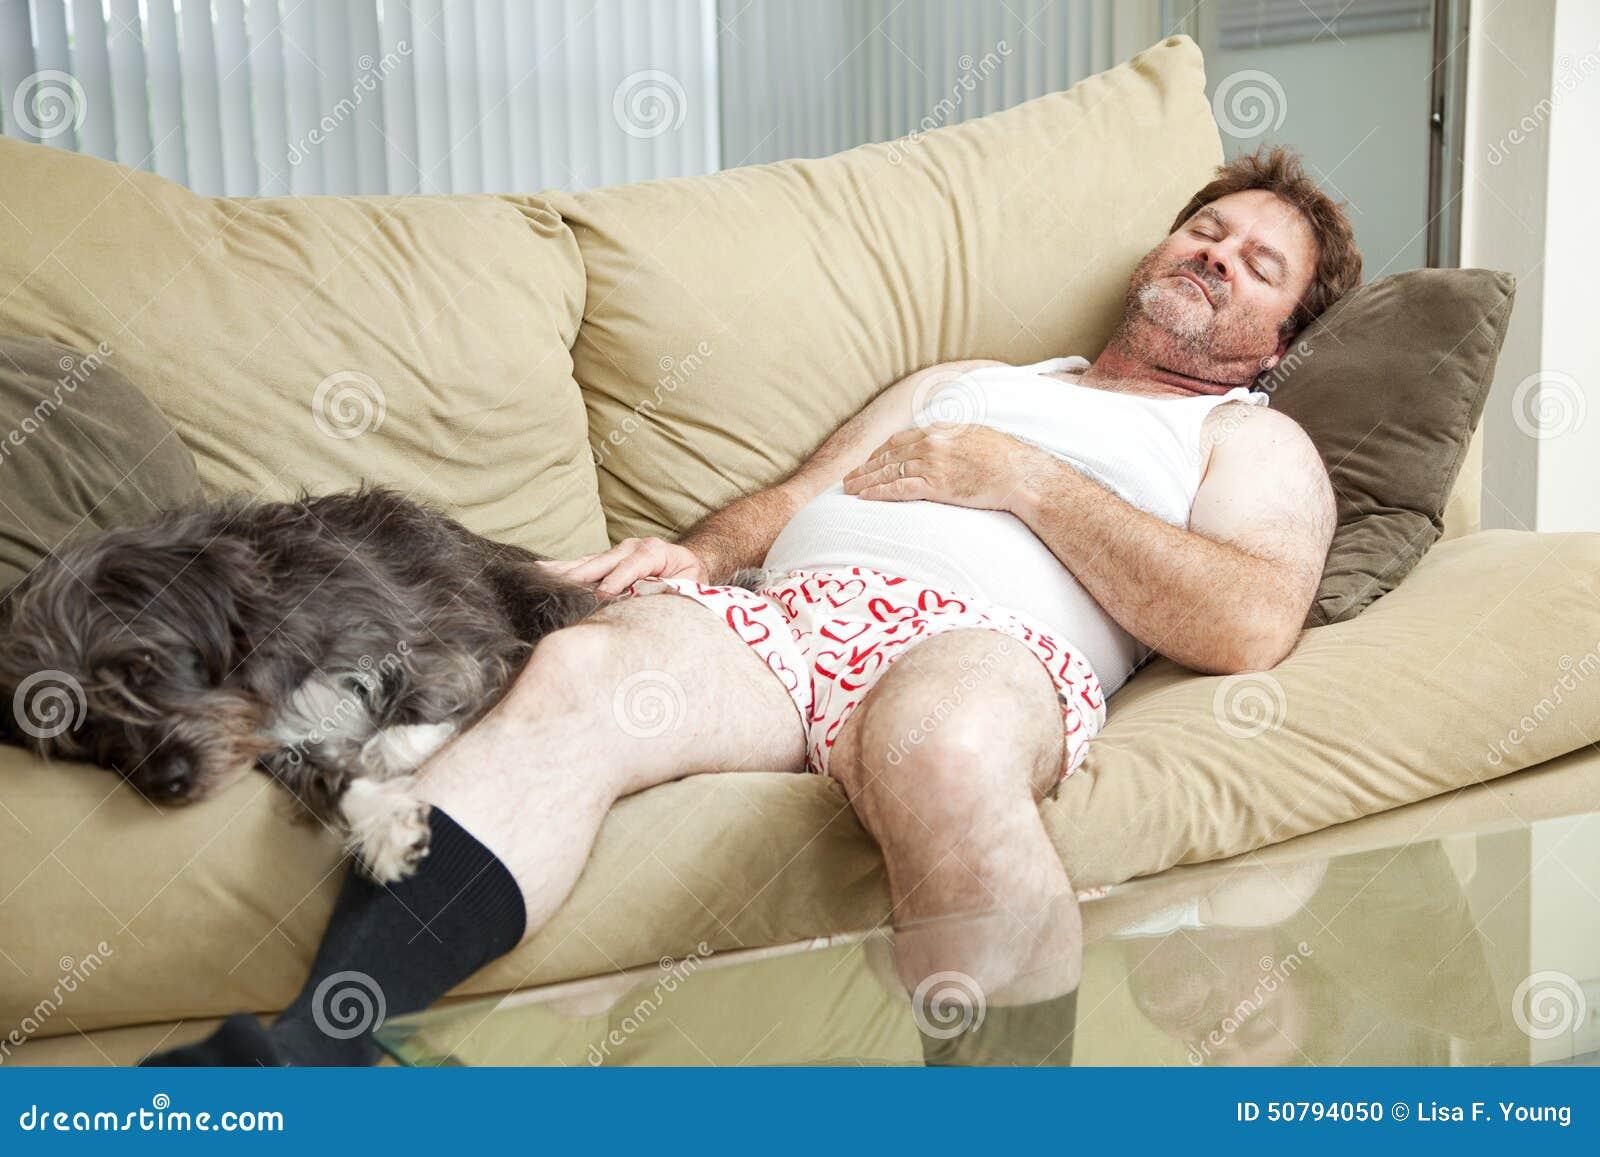 Homme endormi avec son chien